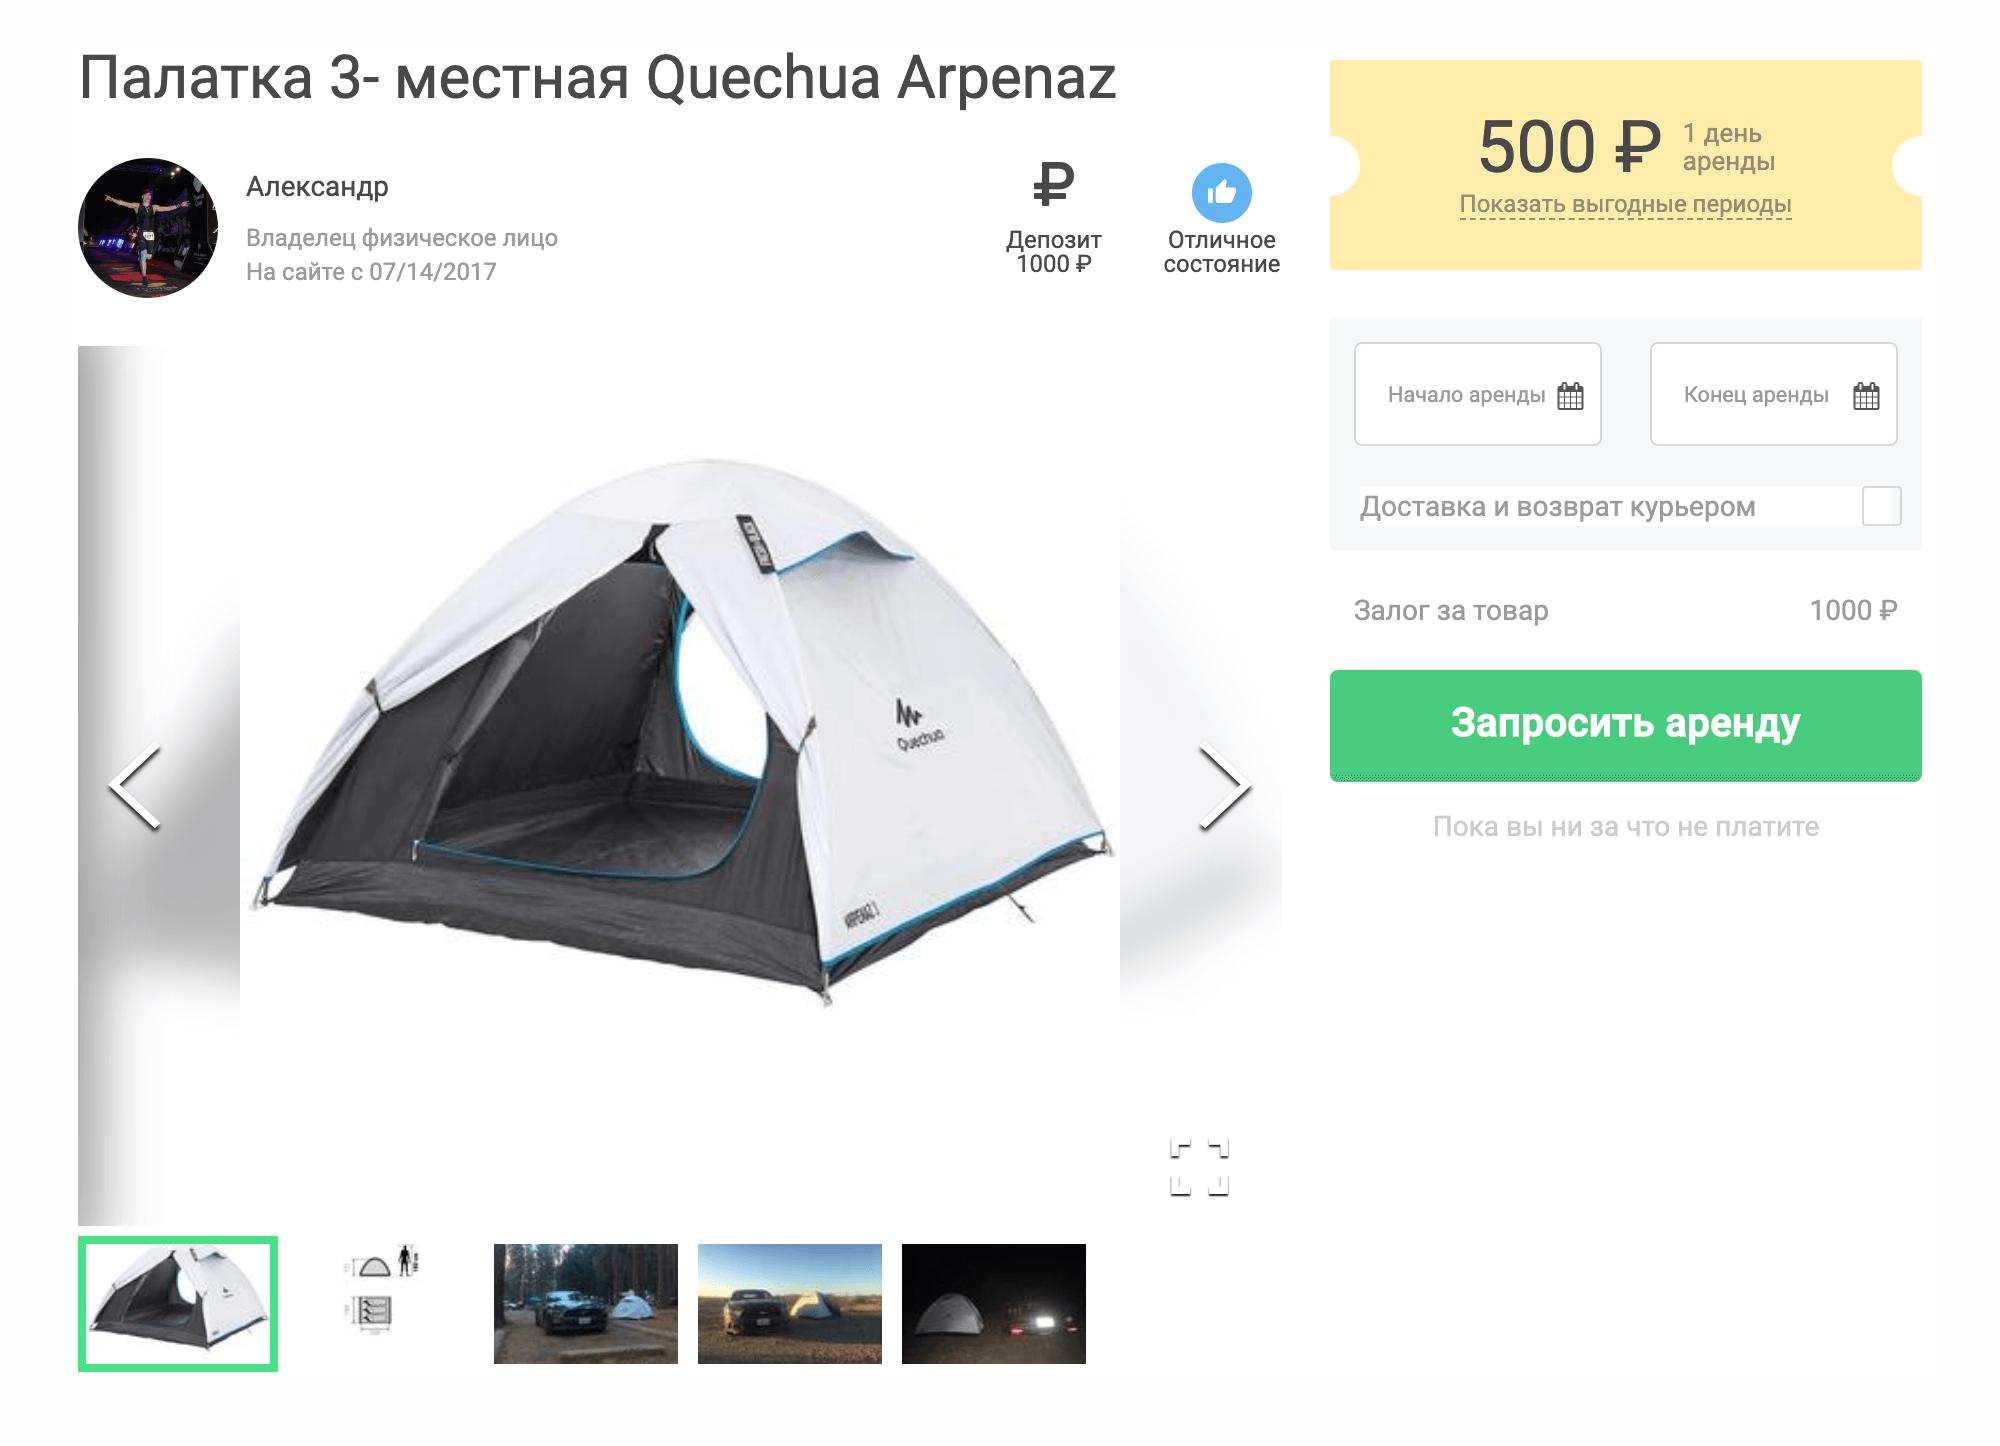 На «Рентмании» аренда трехместной палатки стоит 500 р. в сутки